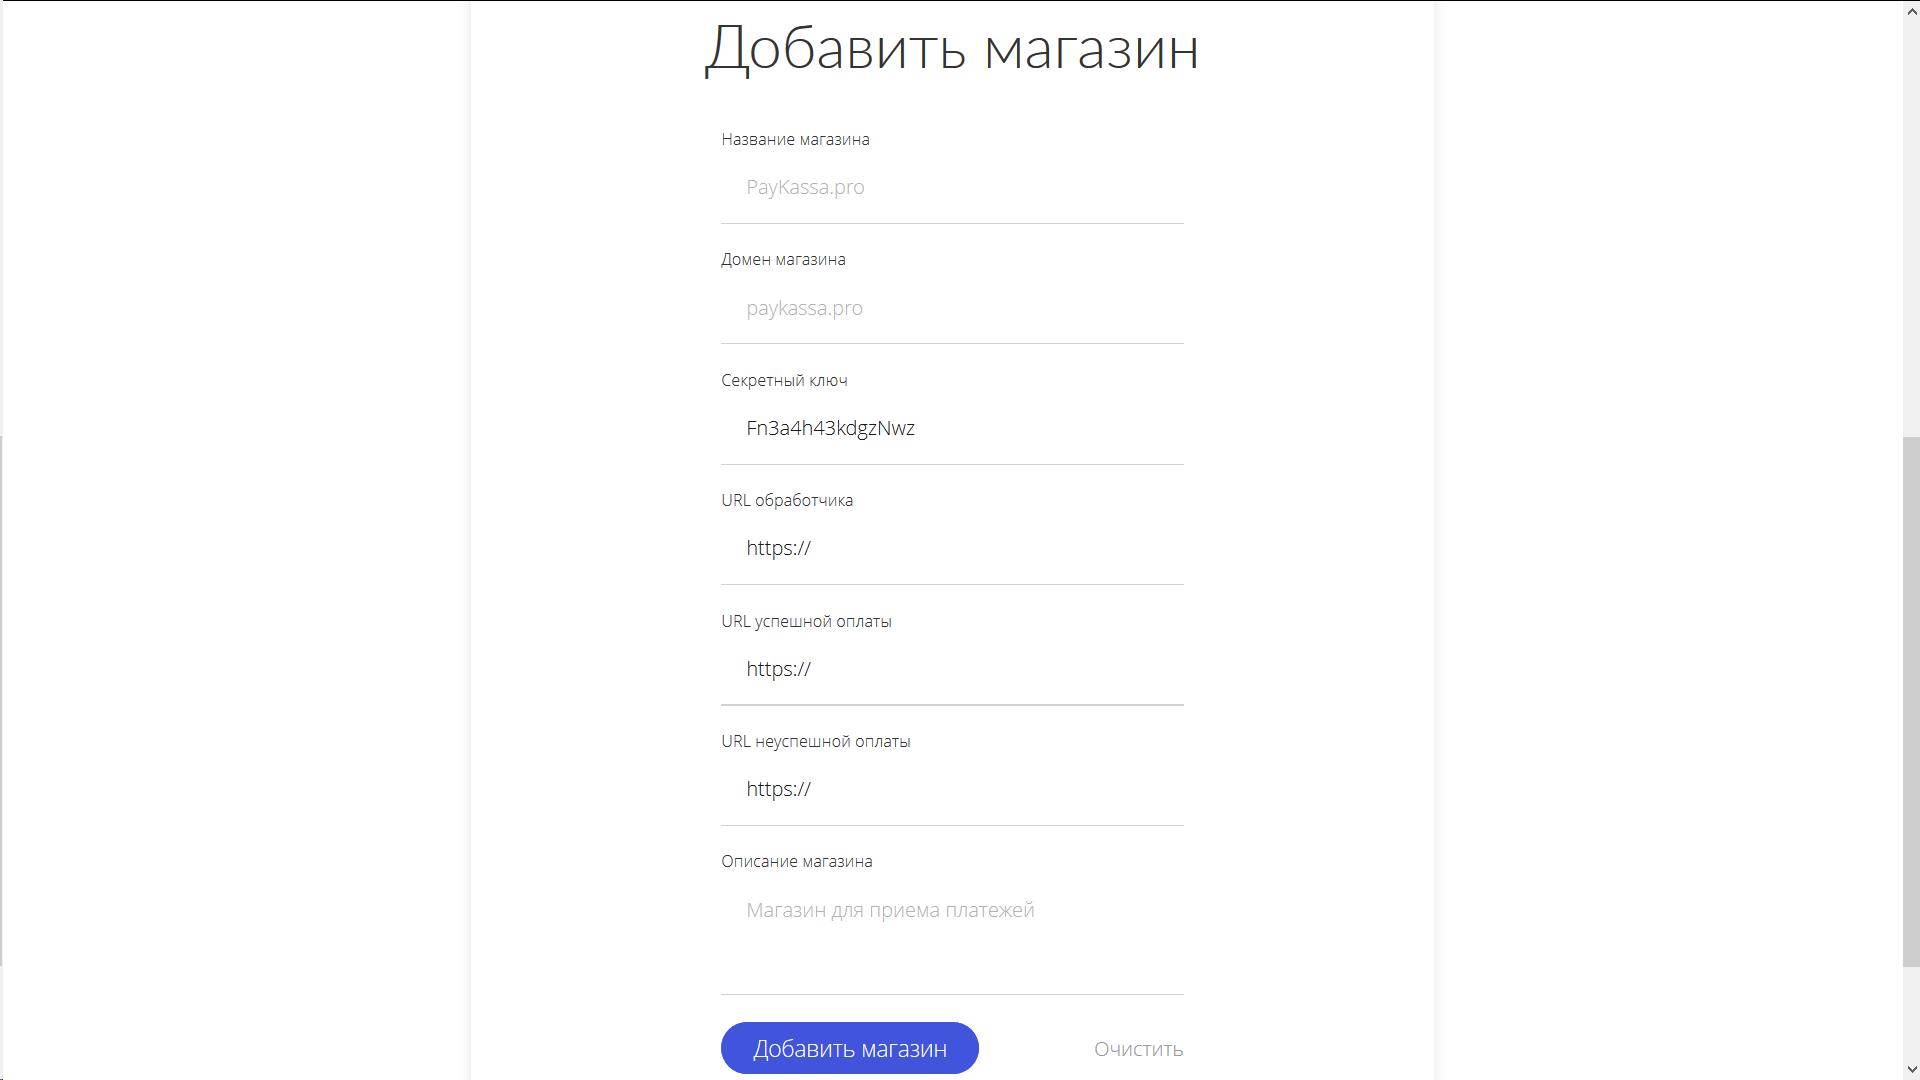 PayKassa — легкий способ получать криптовалюту для магазинов и онлайн-компаний